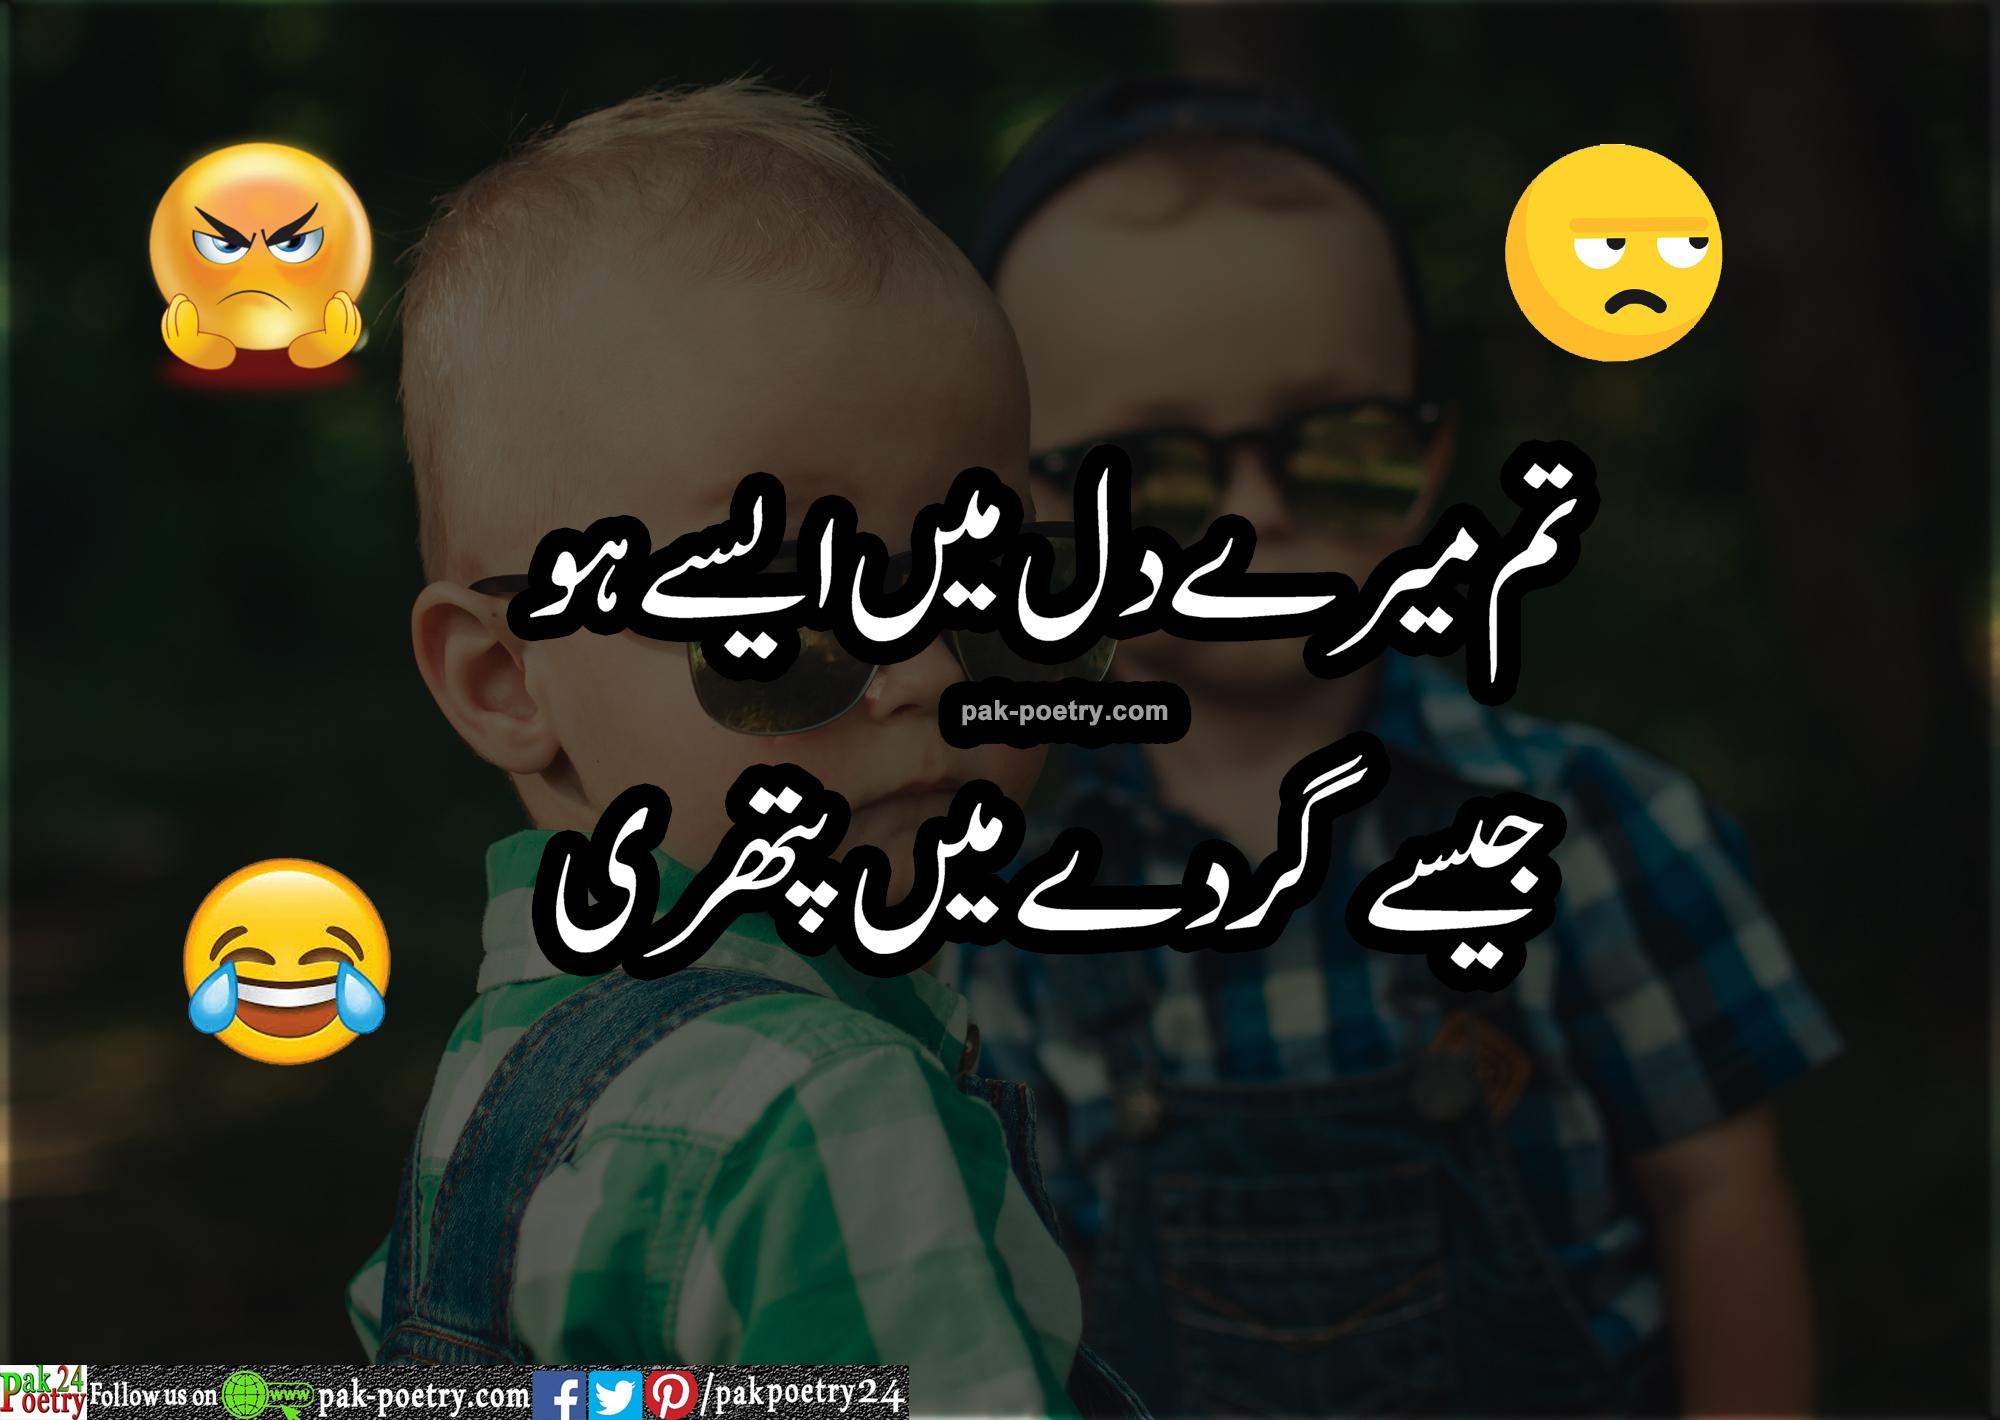 Funny poetry, funny poetry in urdu, poetry funny, urdu funny poetry, poetry in urdu funny, funny poetry urdu, funny sms in urdu, Poetry in urdu, urdu poetry, poetry urdu,